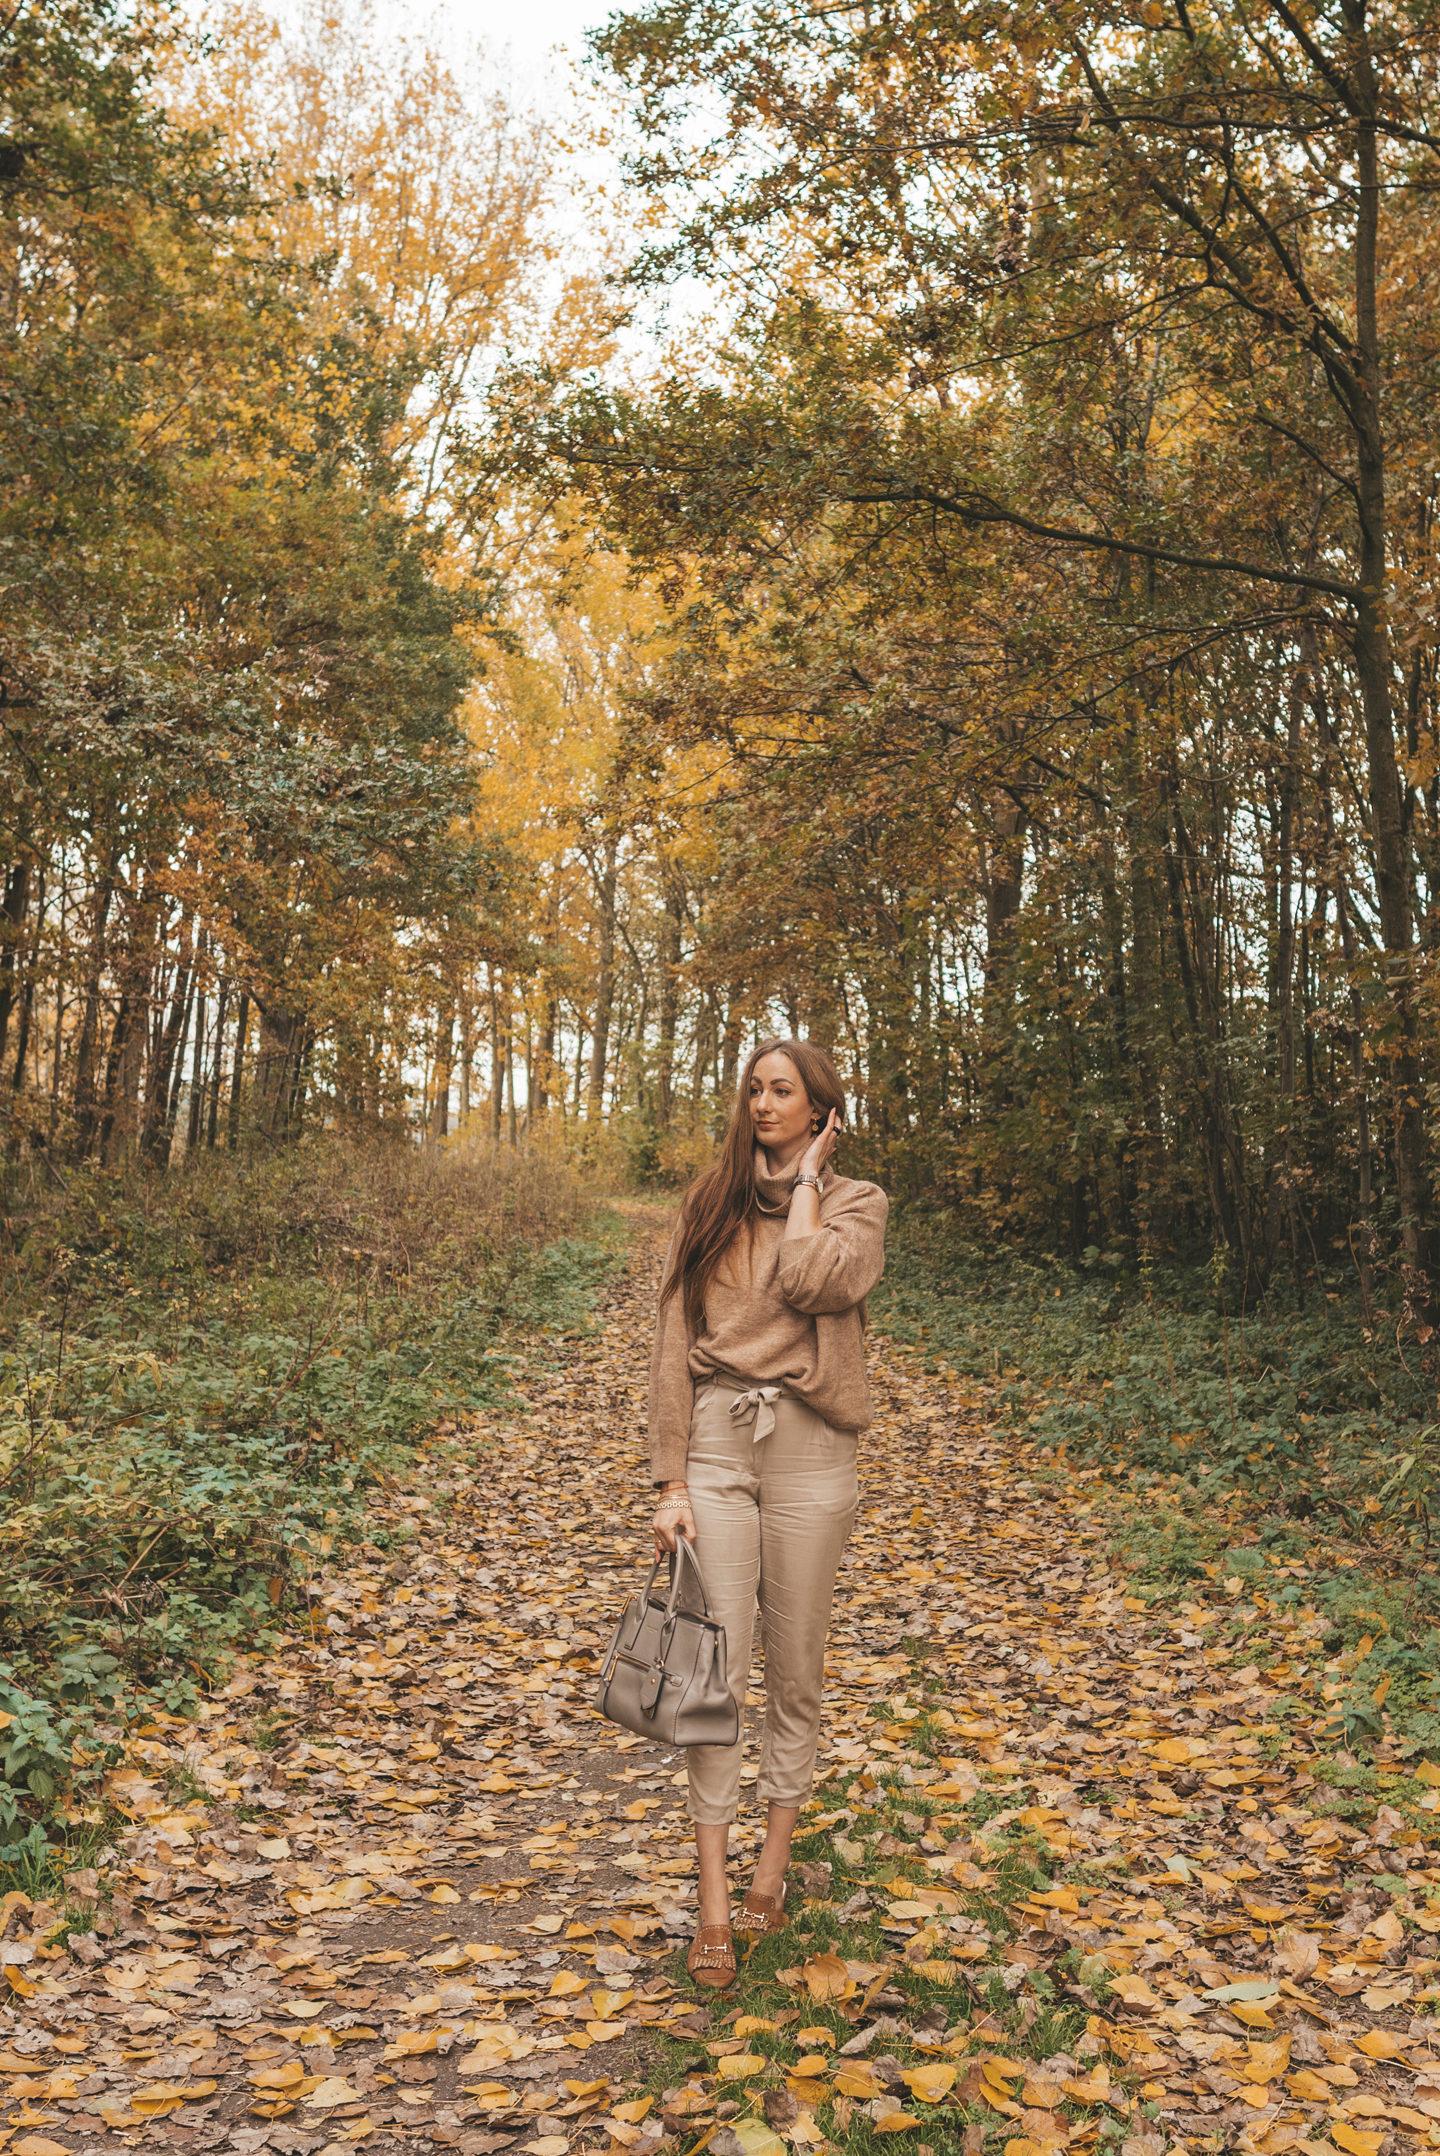 Hoogtepunten van november Linda's Wholesome Life Dordrecht